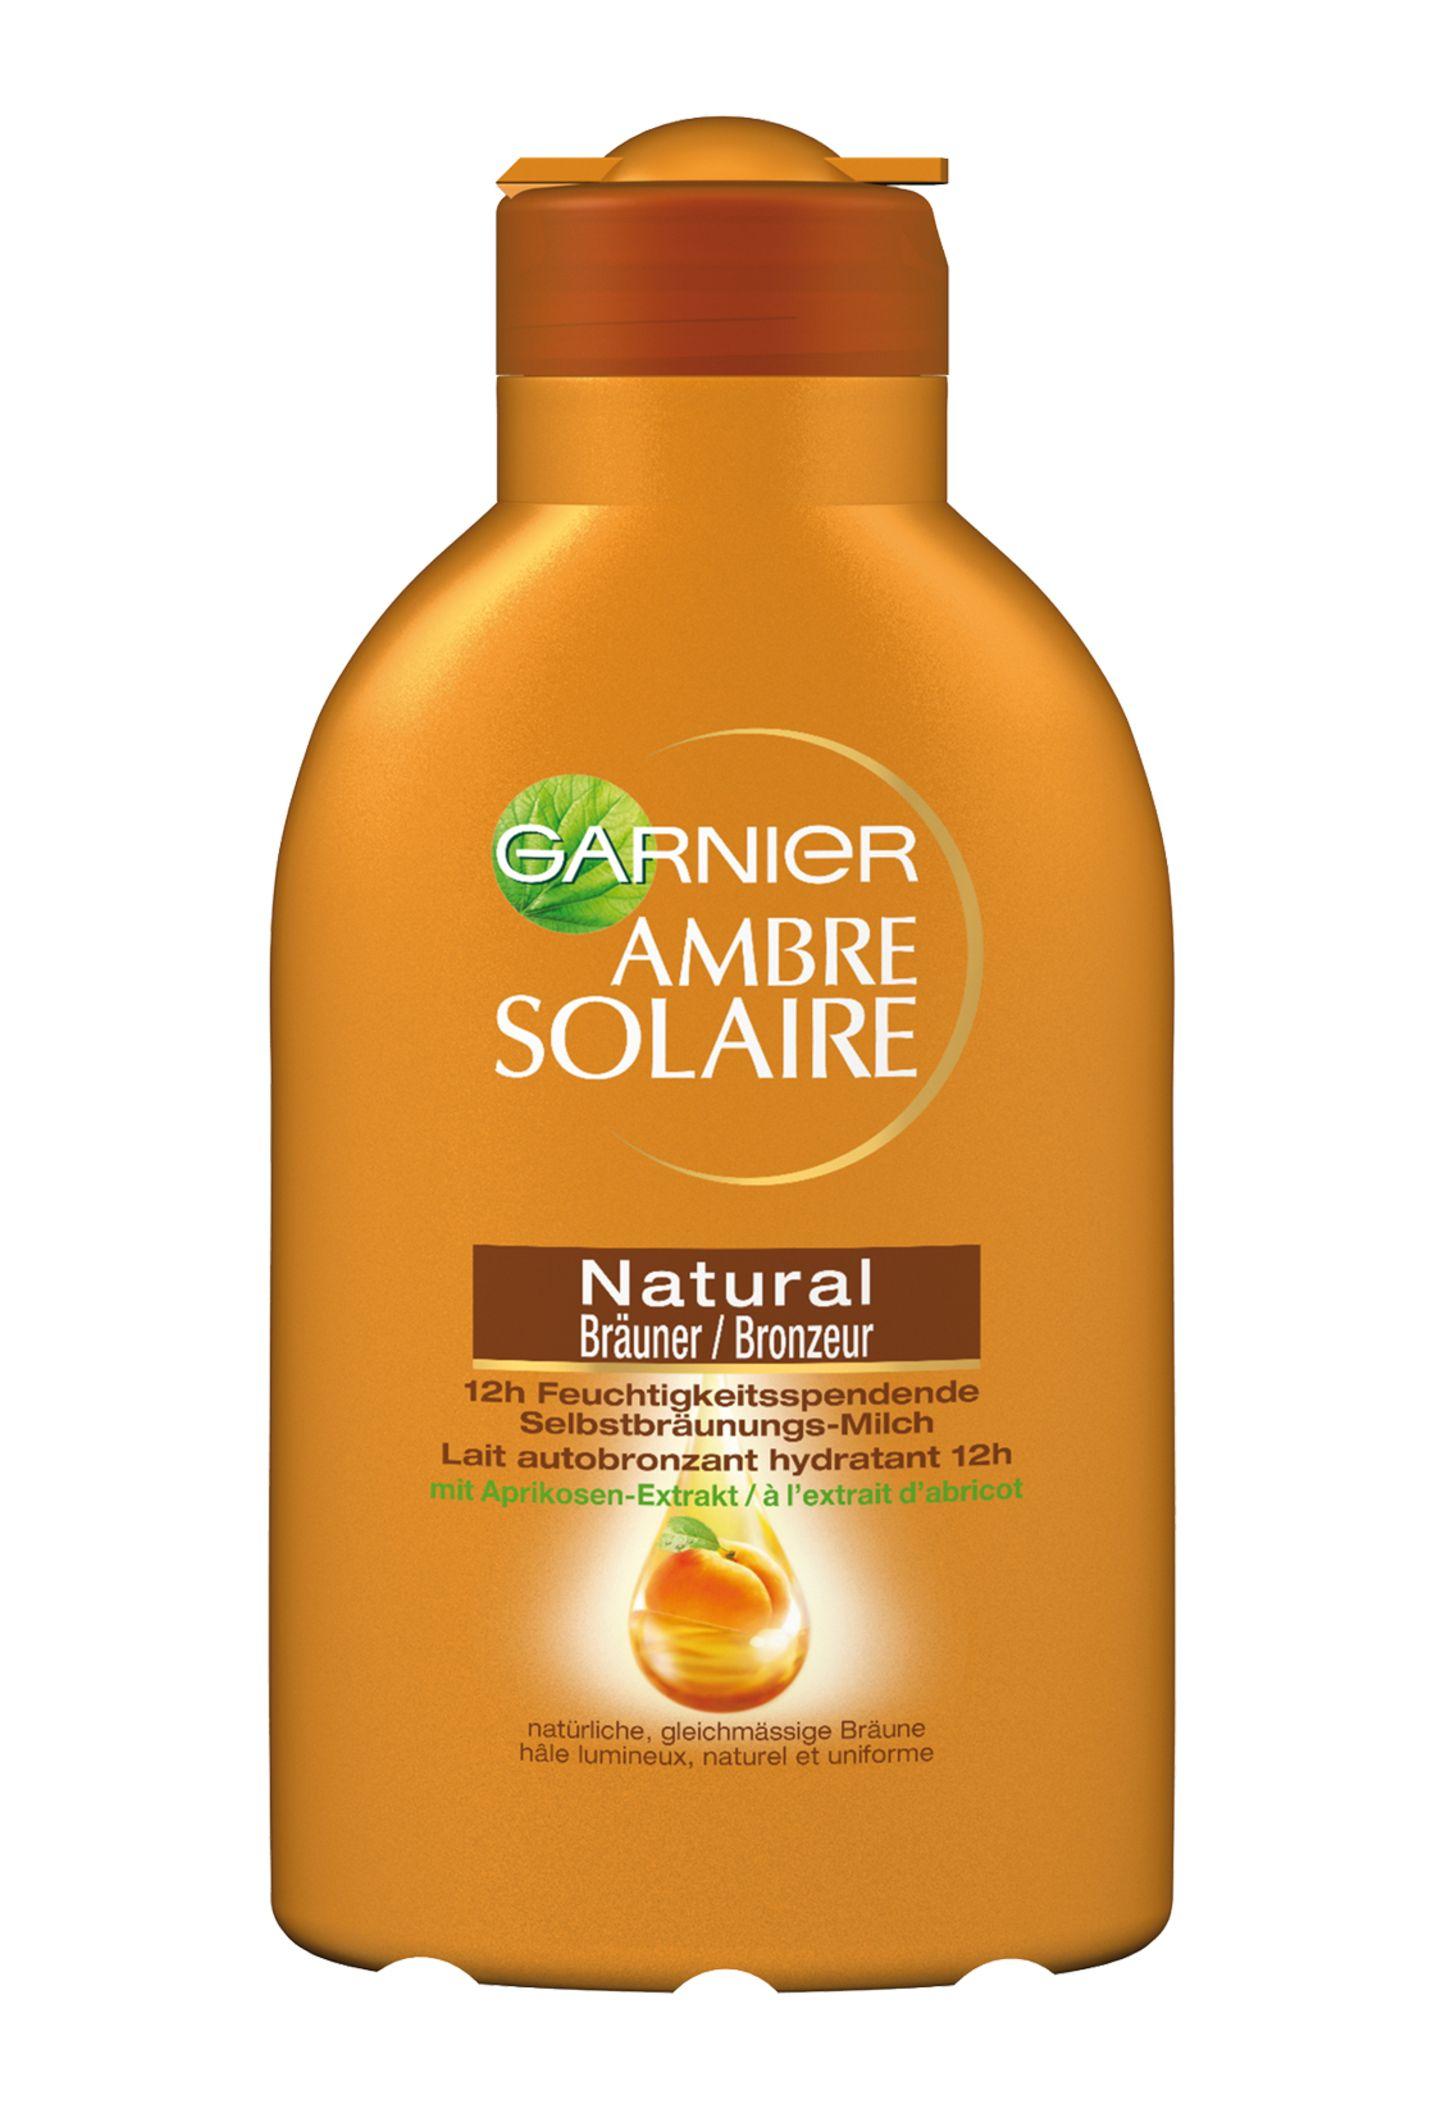 """Pflegt mit Aprikosenextrakt: """"Ambre Solaire Selbstbräunungs- Milch"""" von Garnier, 150 ml, ca. 7 Euro"""